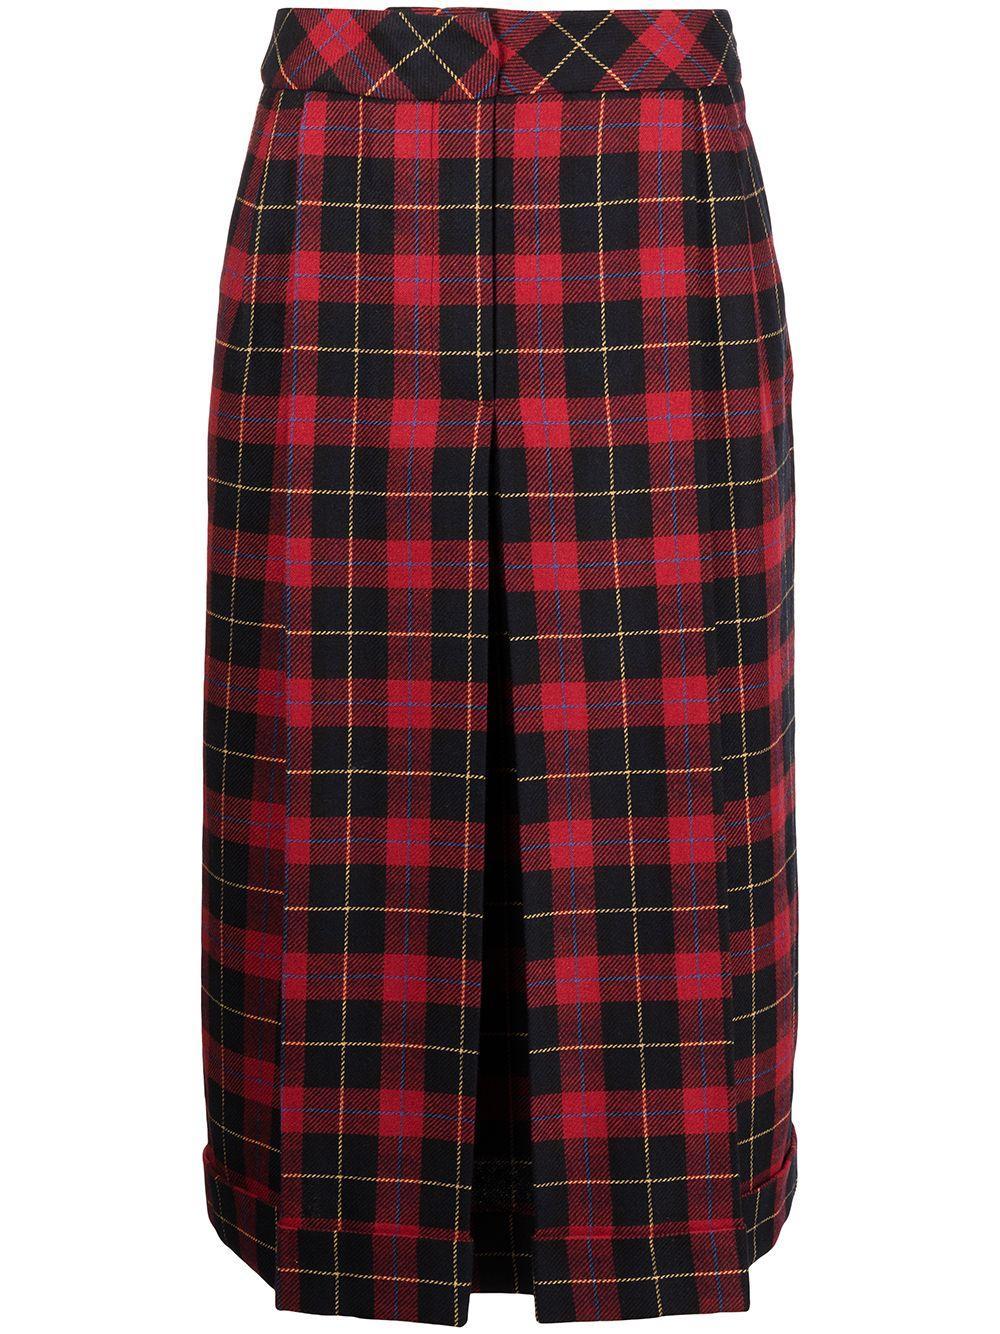 Tartan Plaid Midi Skirt Item # C011-3015-QC91